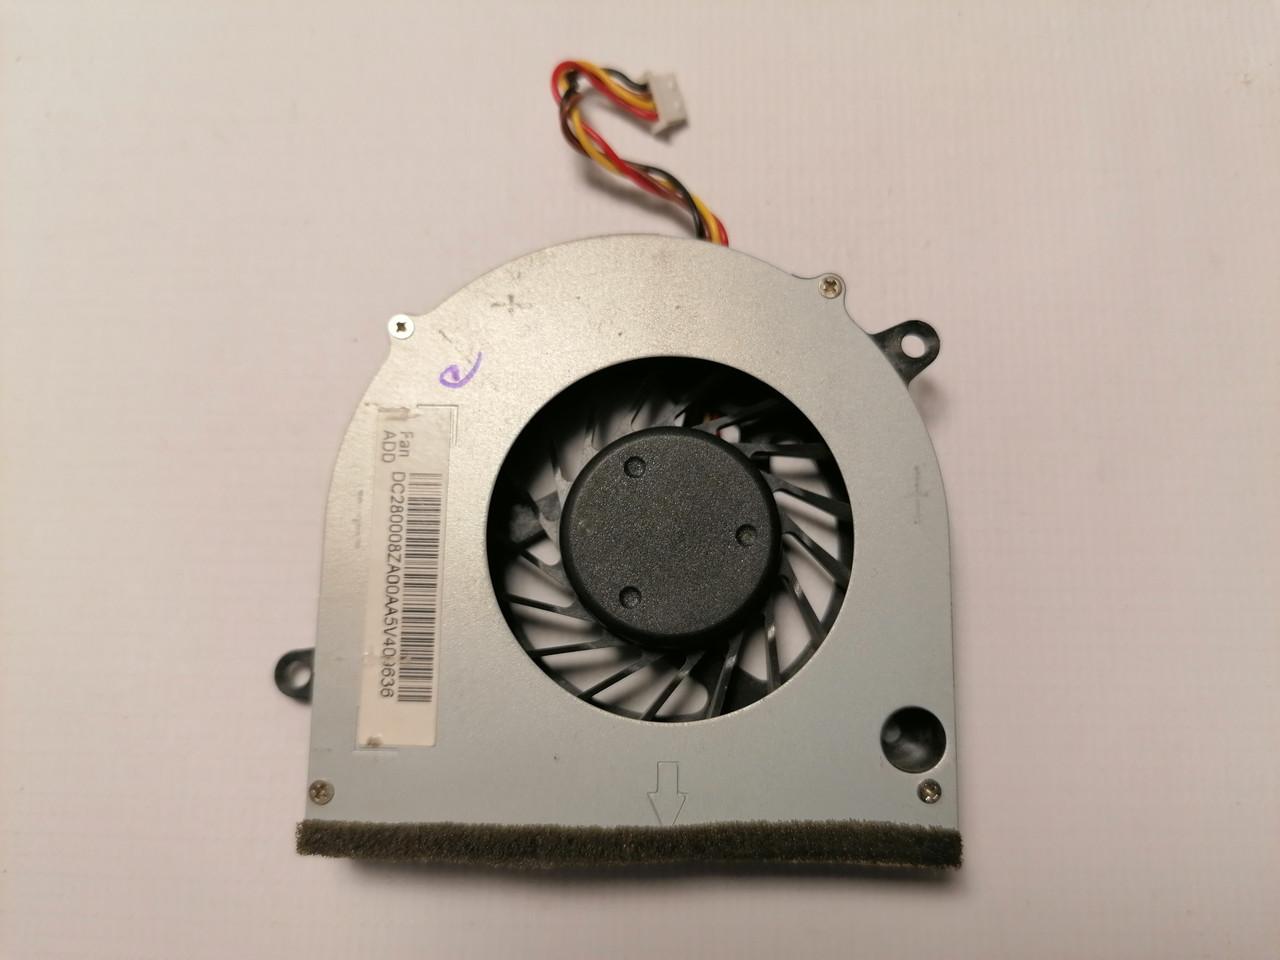 Б/У вентилятор (кулер) для ноутбука Lenovo G560 G565 Z560 Z565 (DC280008ZA)